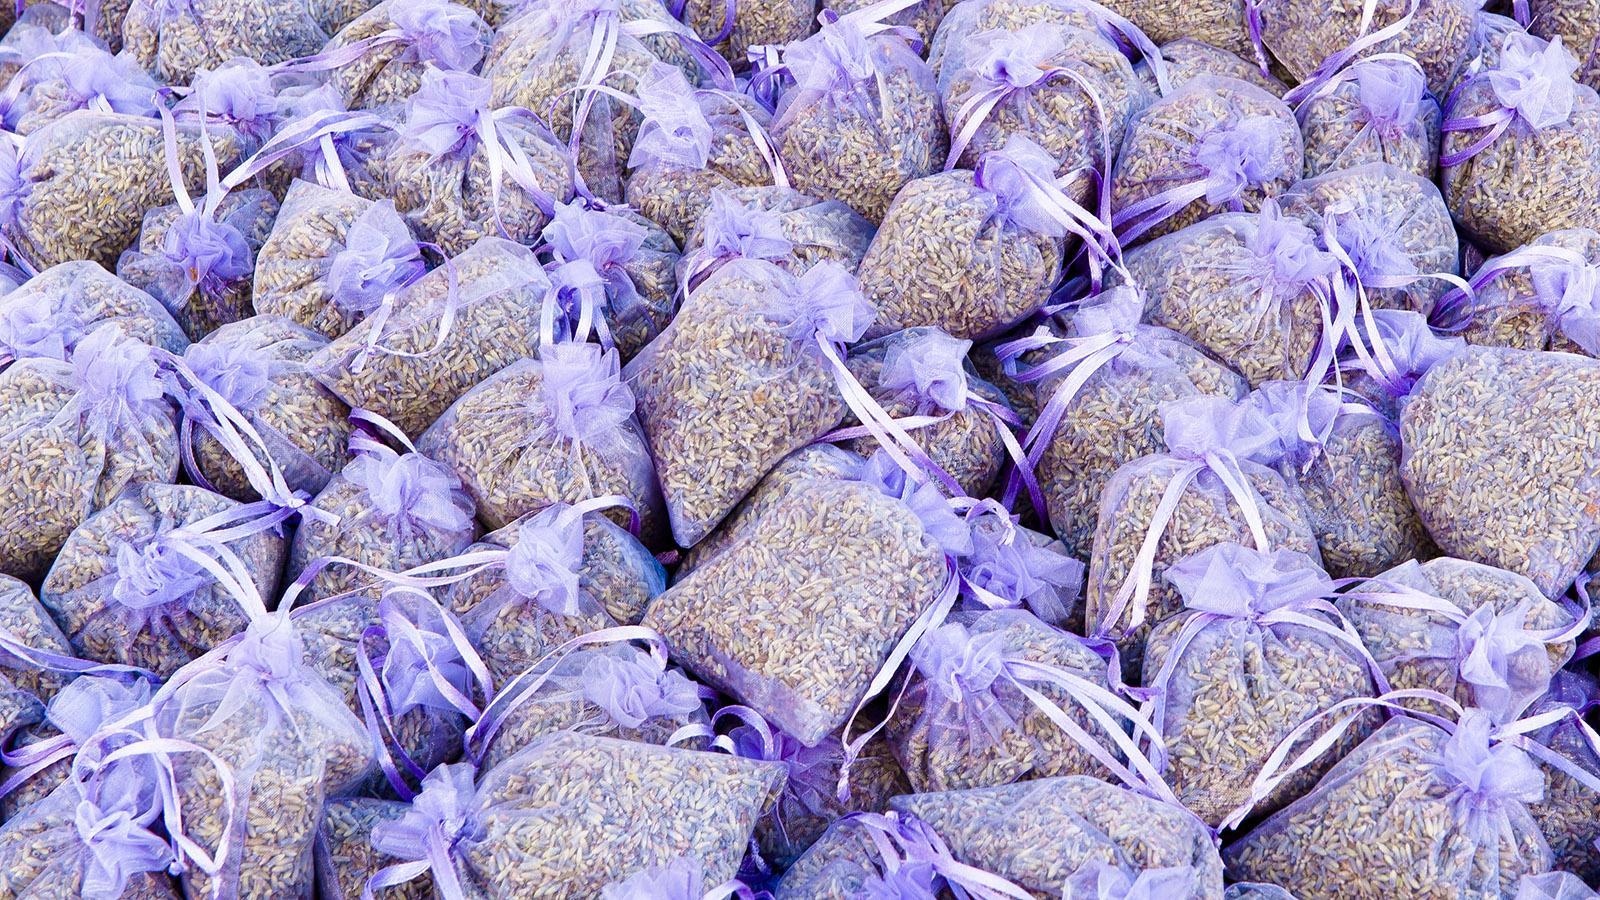 Lavendel - der Duft des Südens. Foto: Hilke Maunder